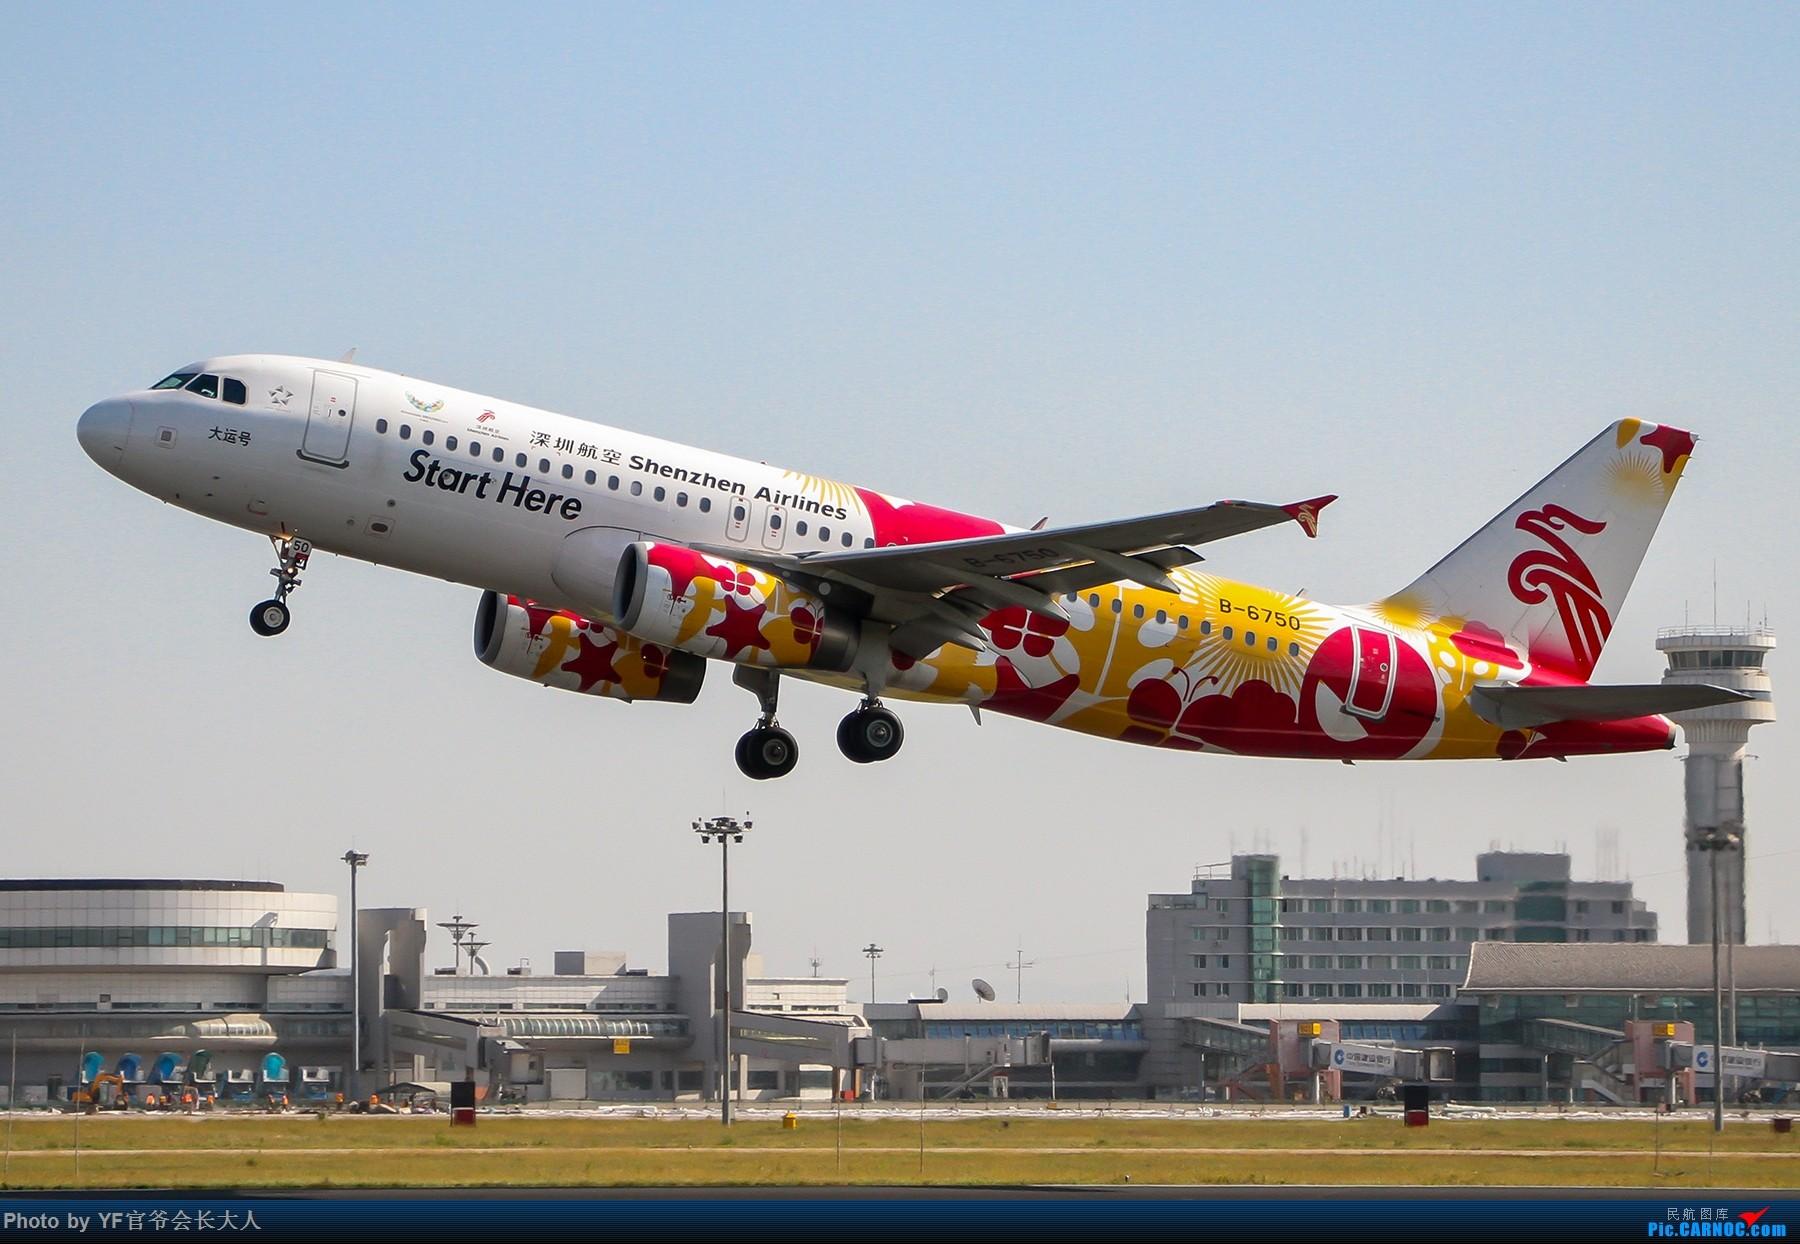 [原创]【ZYTX】用100张图告别我的第二故乡——沈阳 AIRBUS A320-200 B-6750 中国沈阳桃仙国际机场